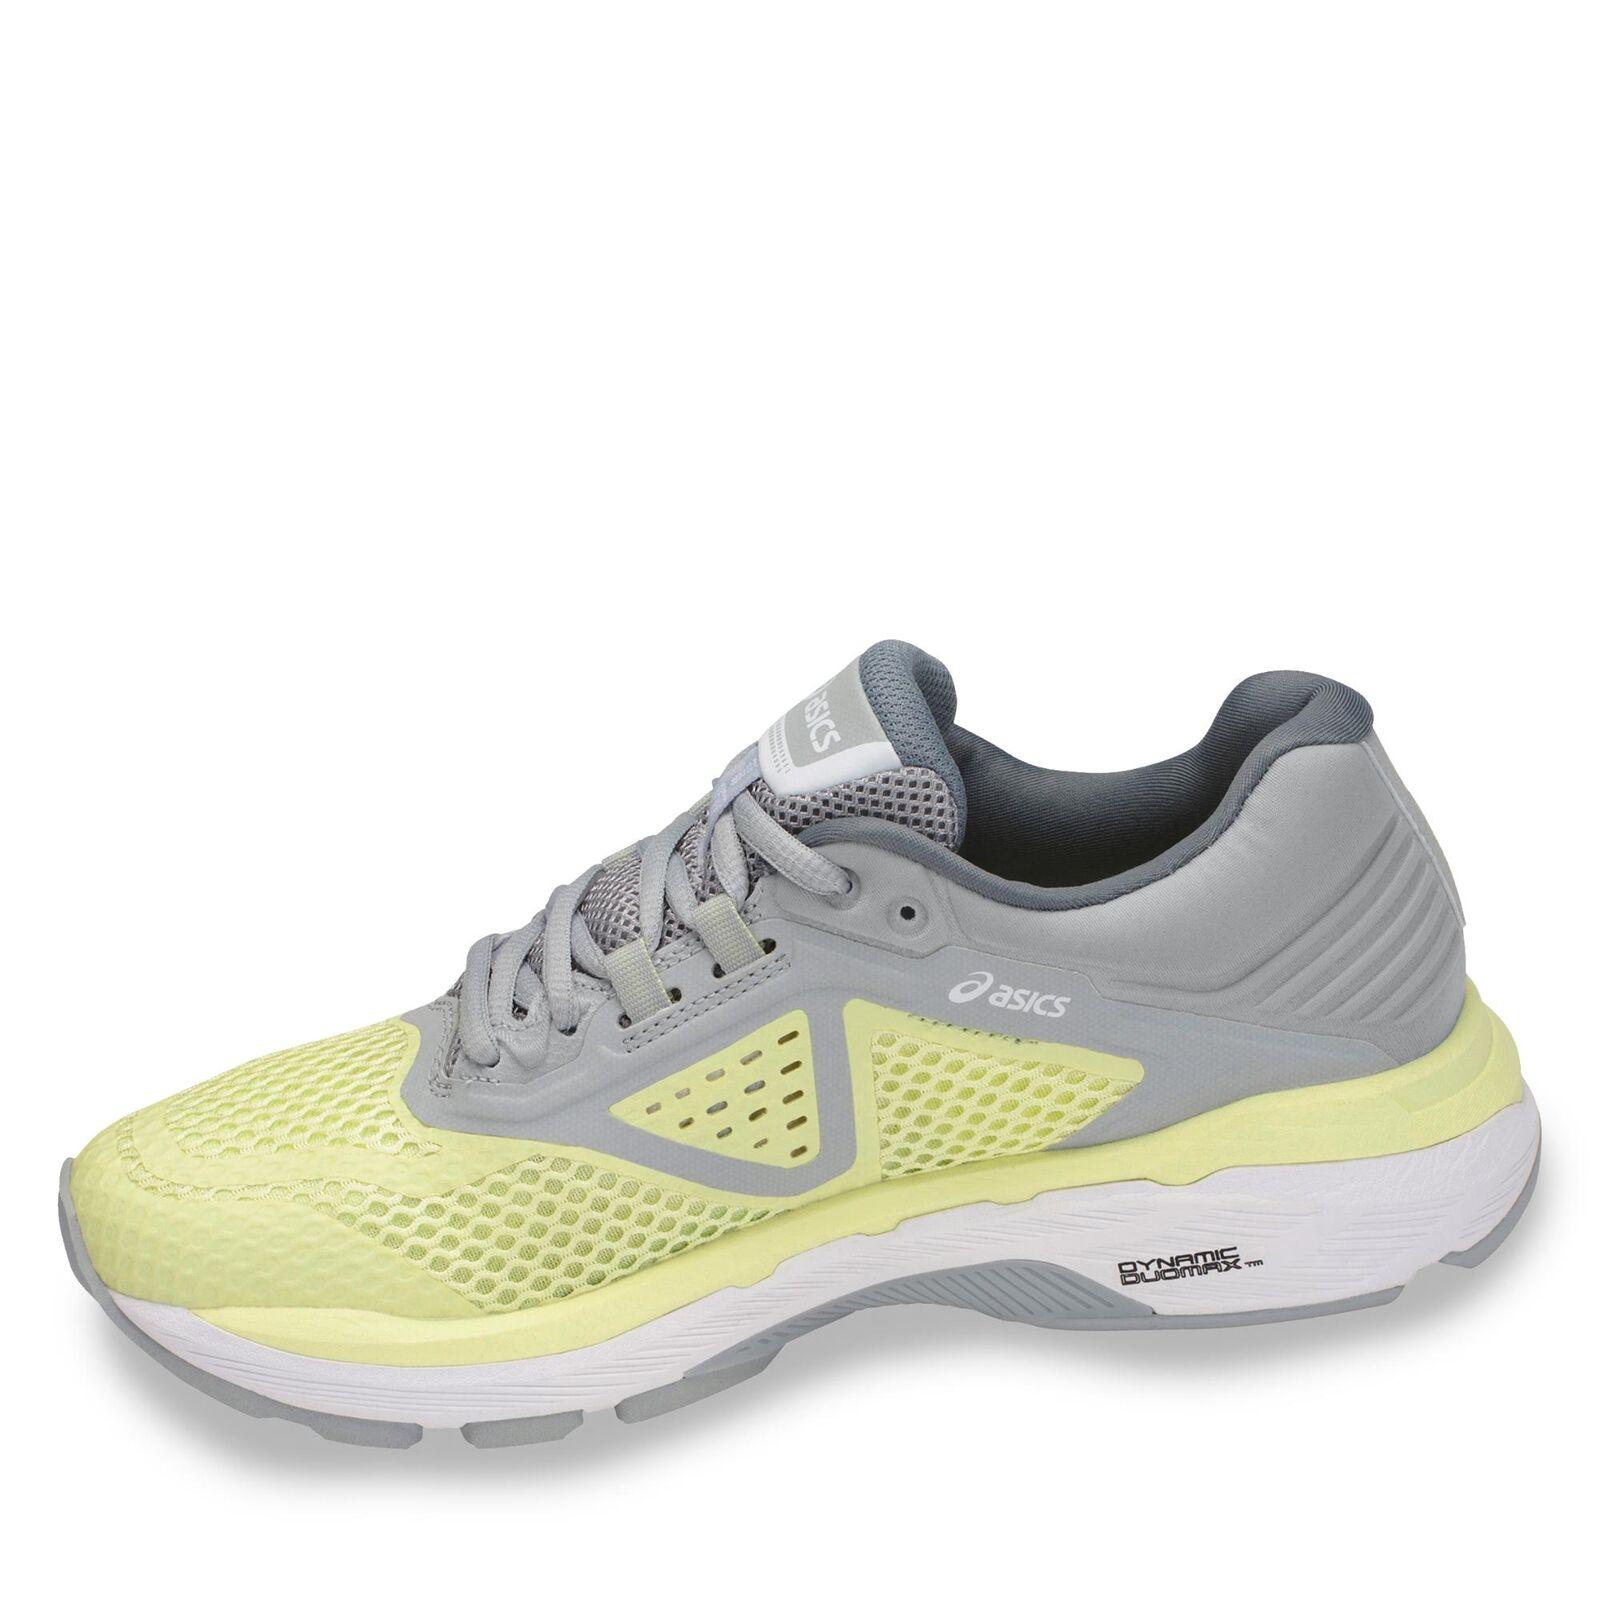 Asics GT-2000 6 Damen Laufschuh Sportschuh Streetrunning-Schuh Schuhe gelb grau